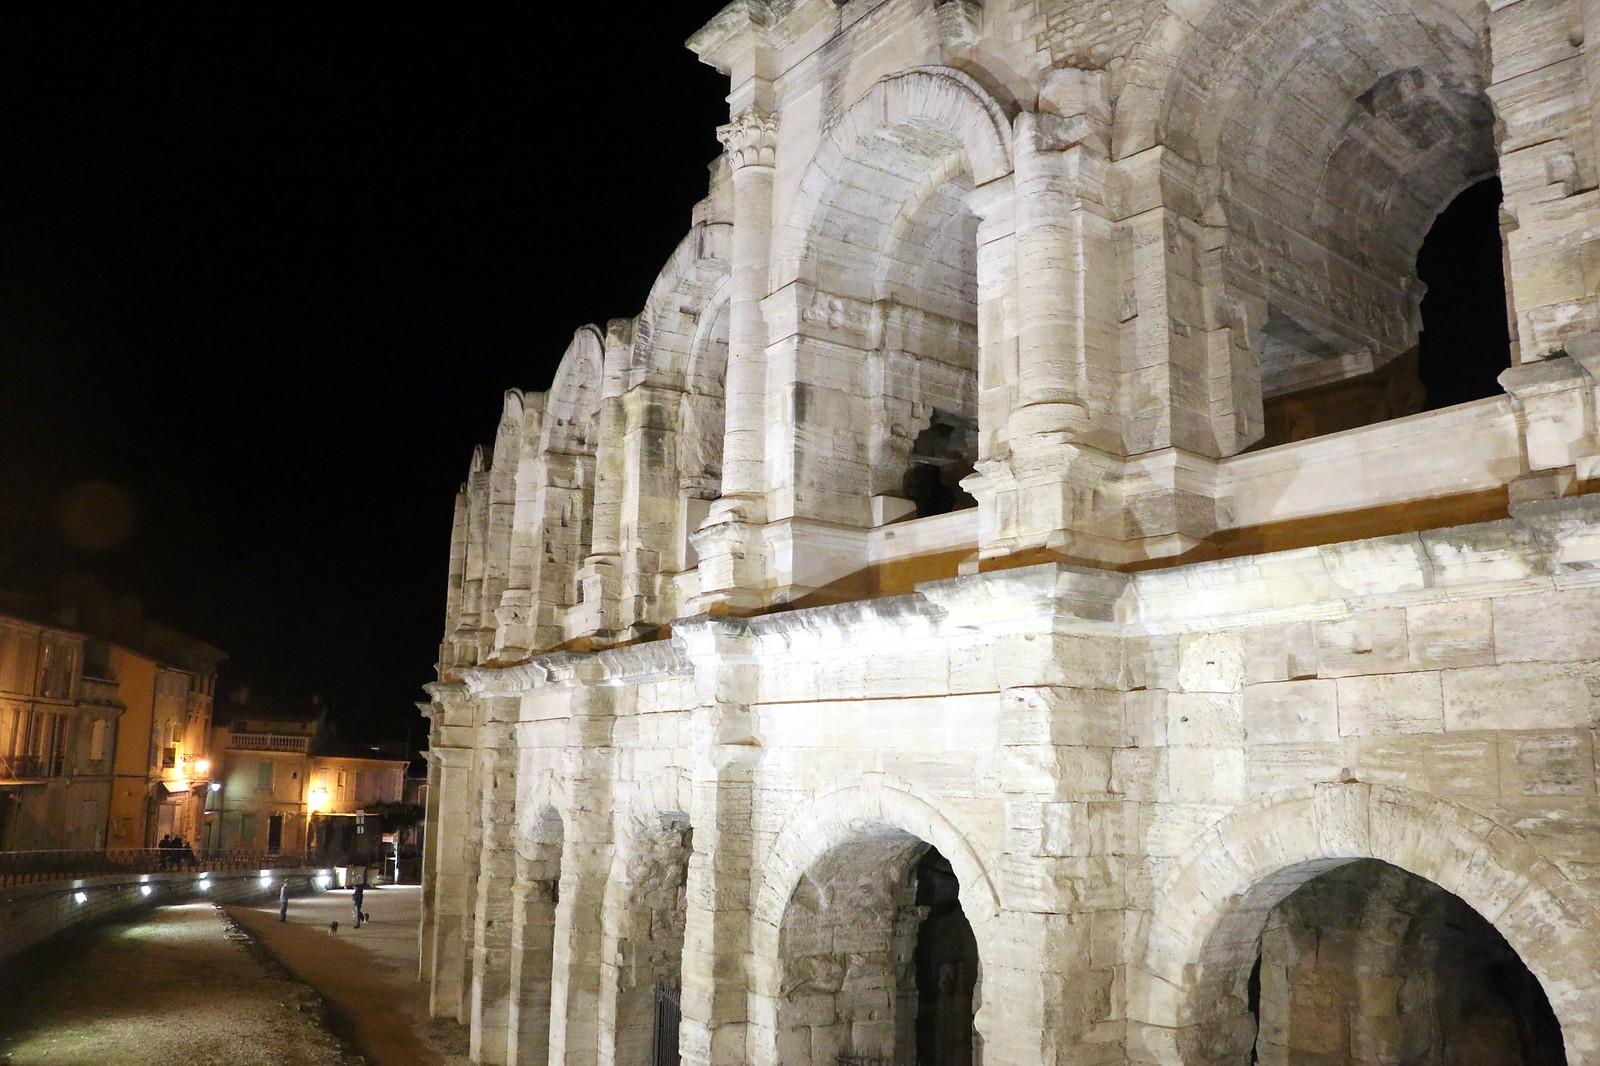 Particolare dell'arena di Arles